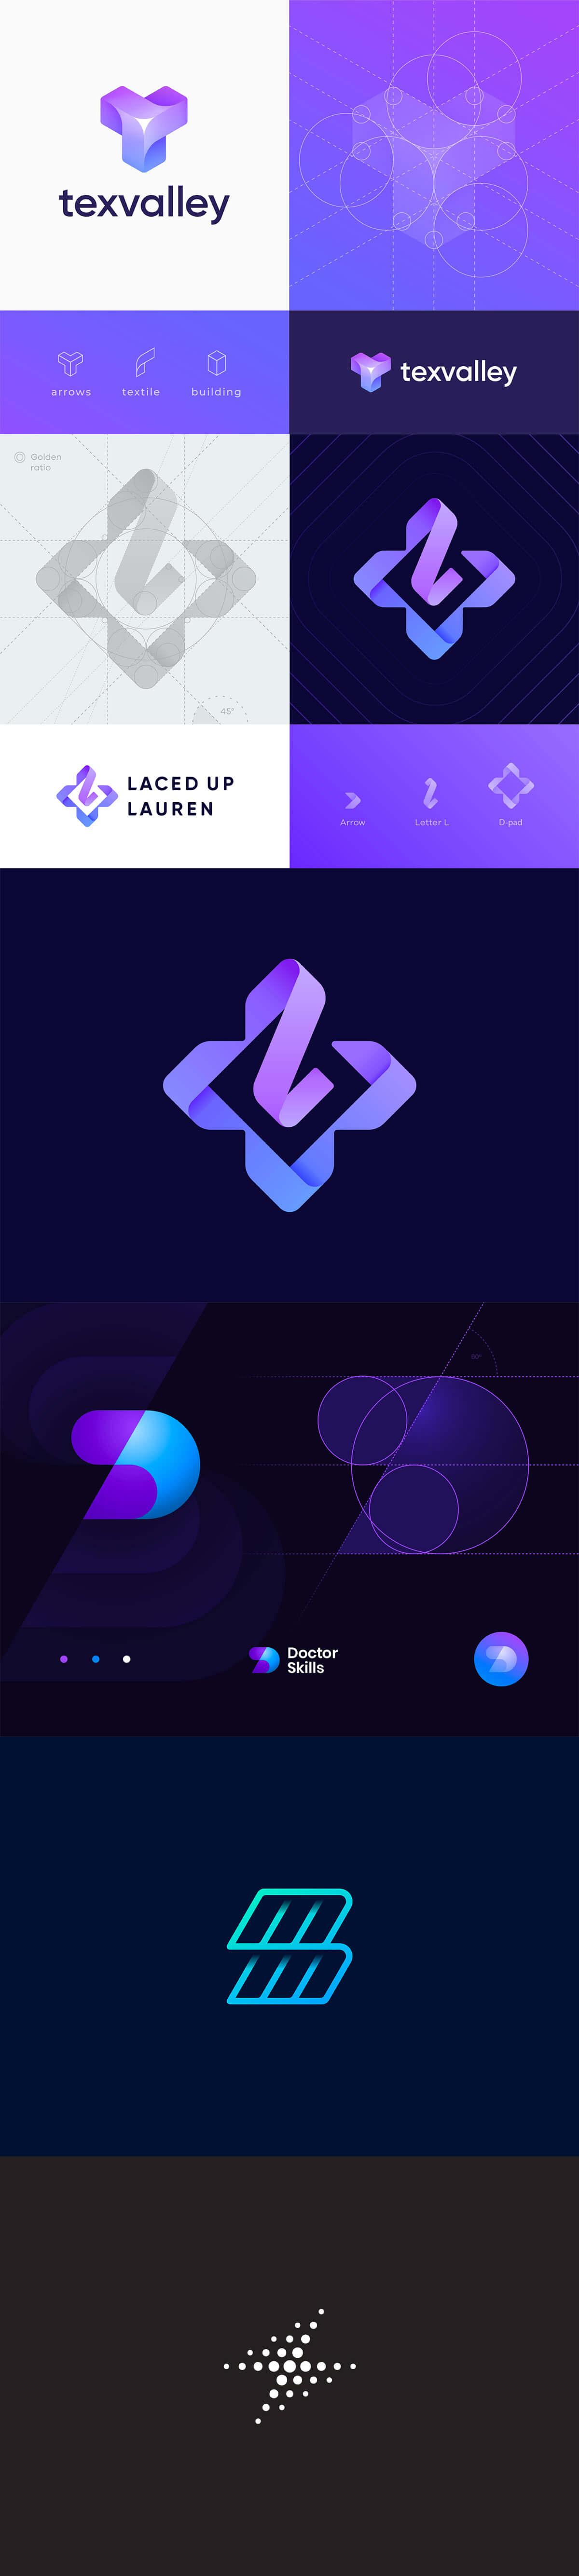 Logo Concept by Dmitry Lepisov